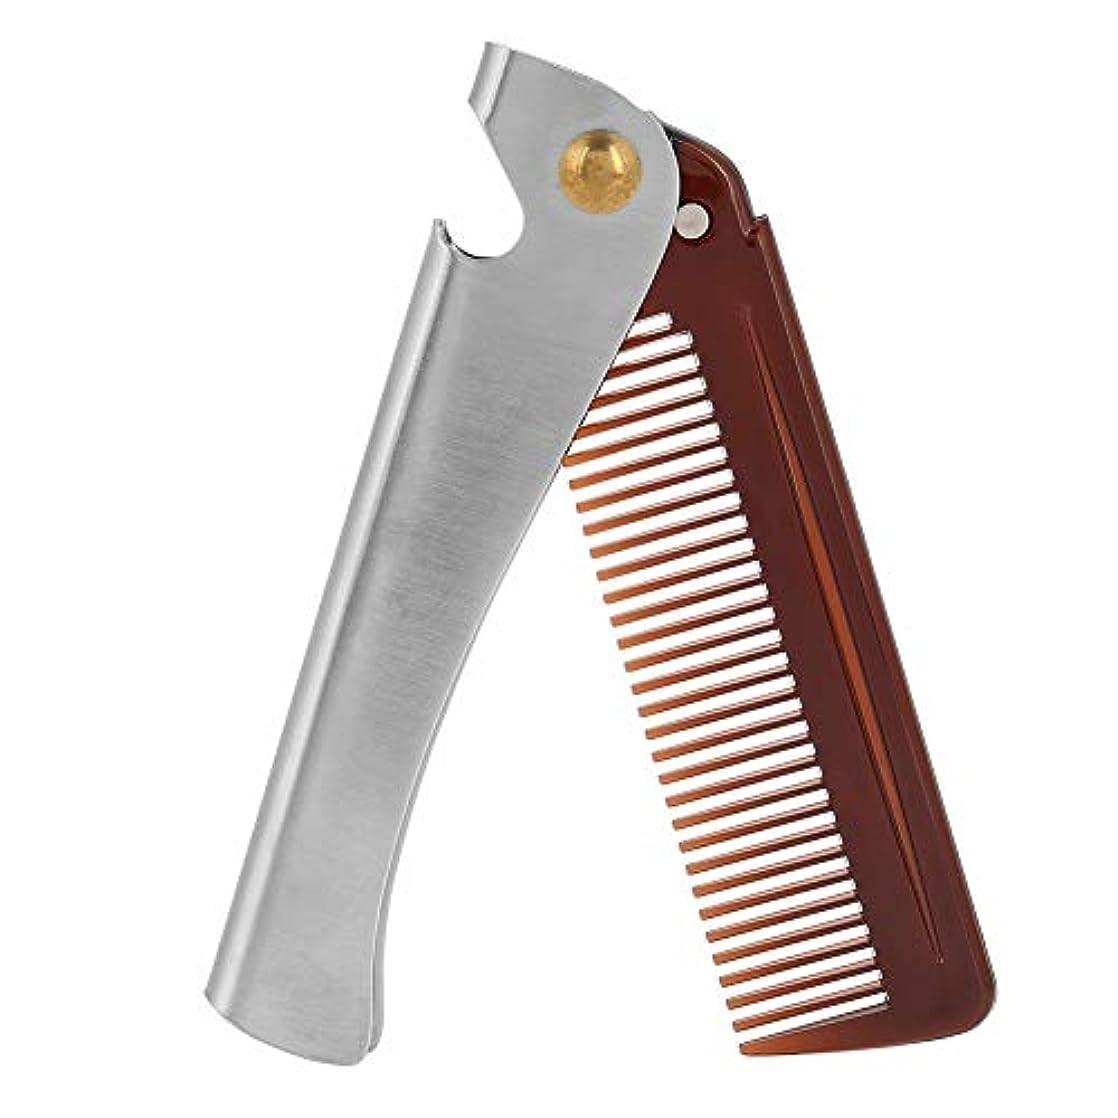 憧れ暗殺するアスペクトステンレス製のひげの櫛の携帯用ステンレス製のひげの櫛の携帯用折りたたみ口ひげ用具の栓抜き